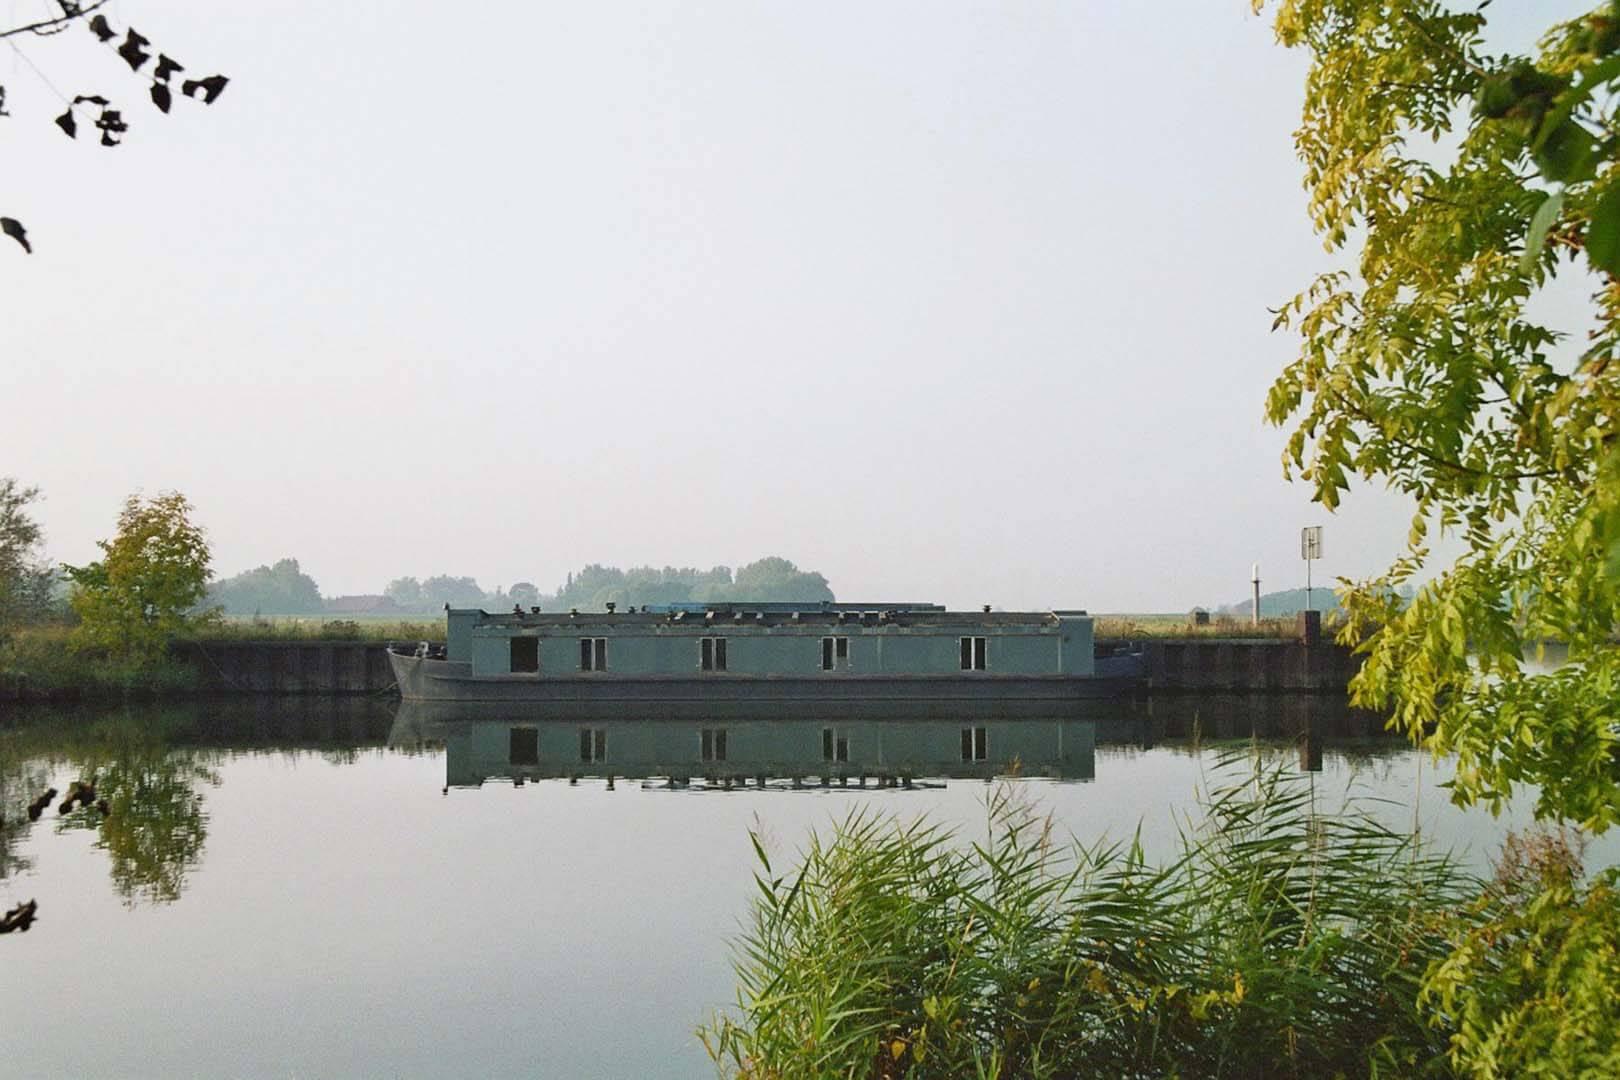 Die Peissnitz liegt ein Jahr in der Weser bei Dörverden und wartet auf das Wettbewerbsergebnis